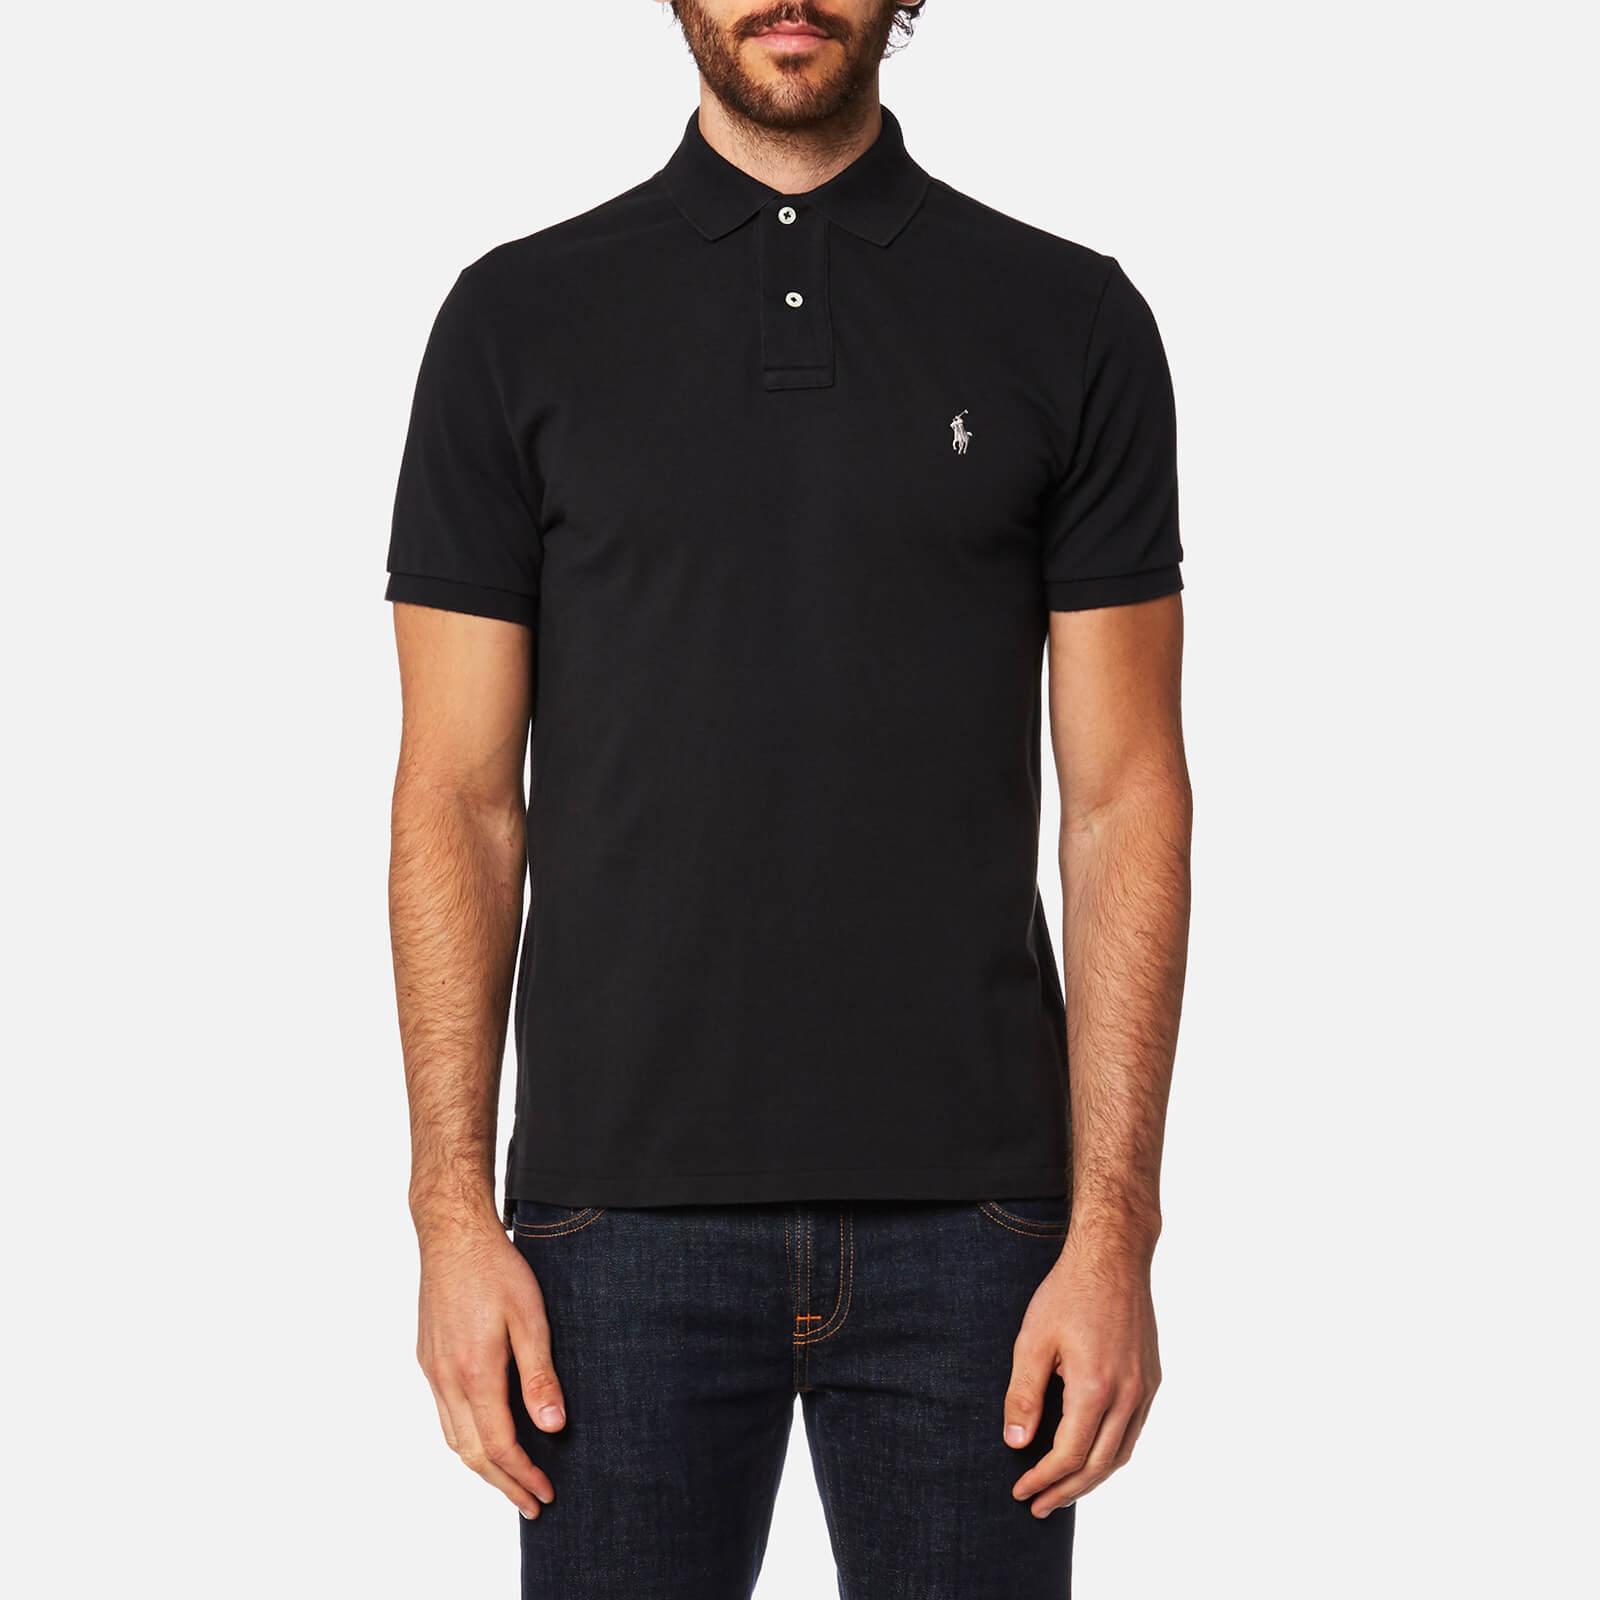 93e94ce9 Polo Ralph Lauren Men's Slim Fit Polo Shirt - Black